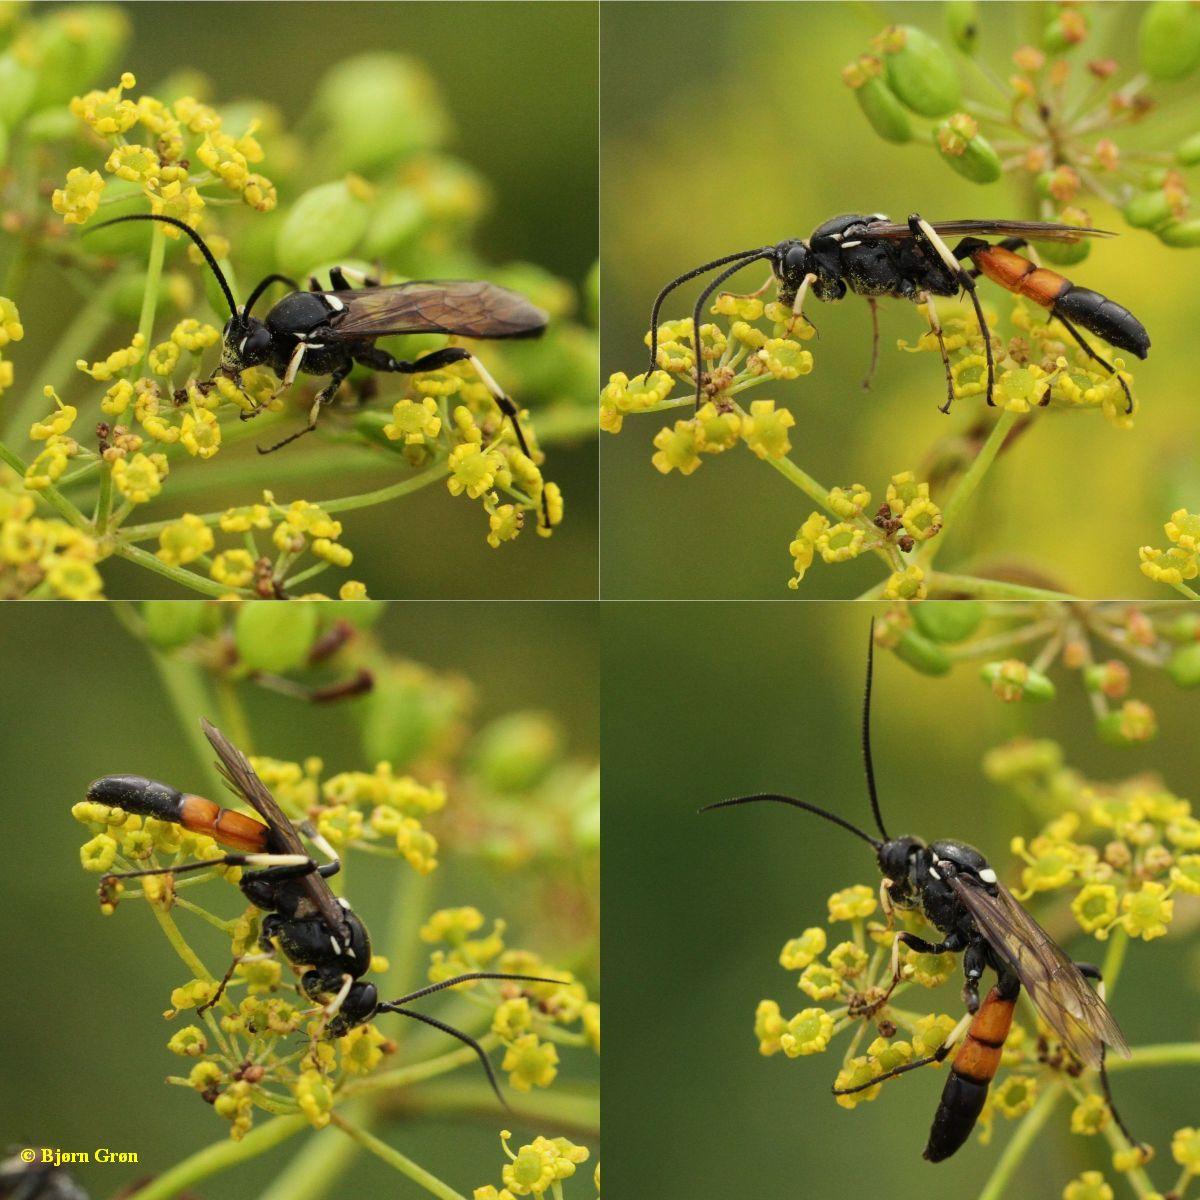 Ctenichneumon divisorius